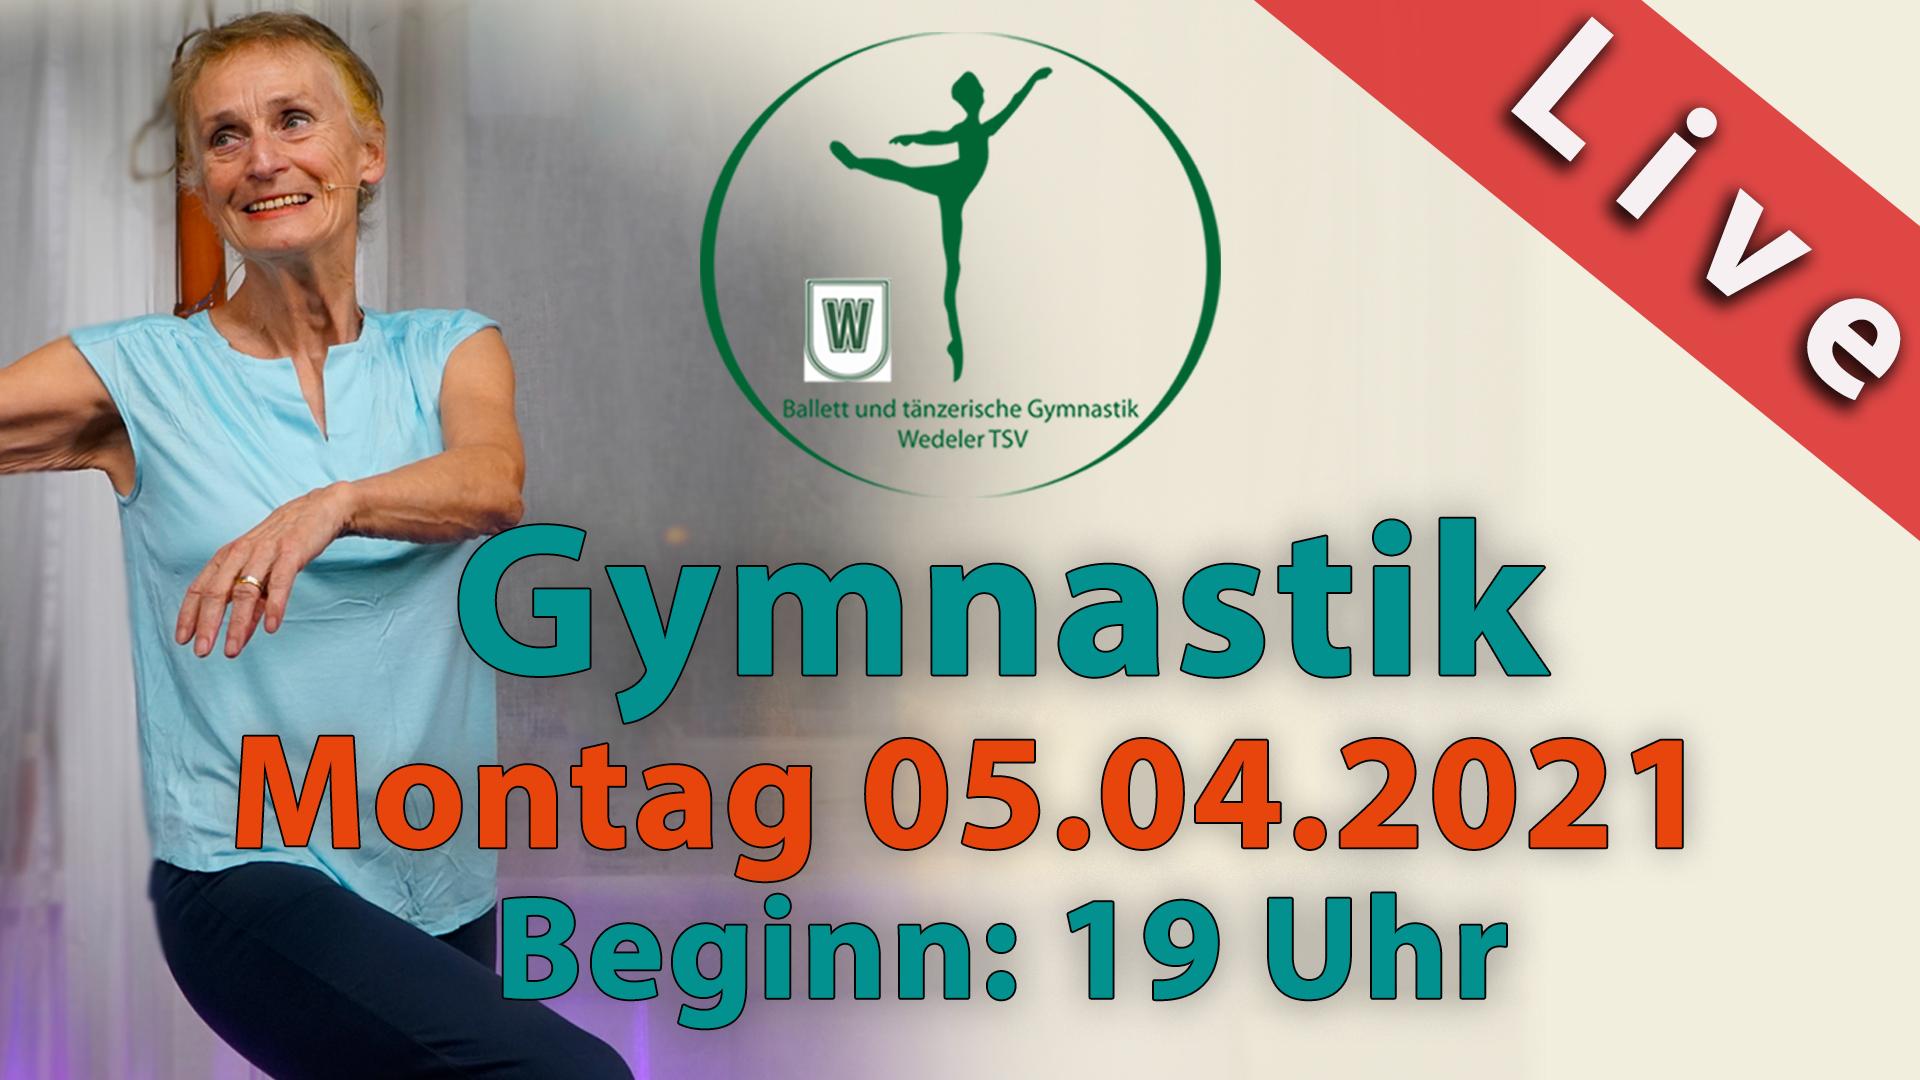 Gymnastik Livestream | Mo 05.04.2021 | 19 Uhr